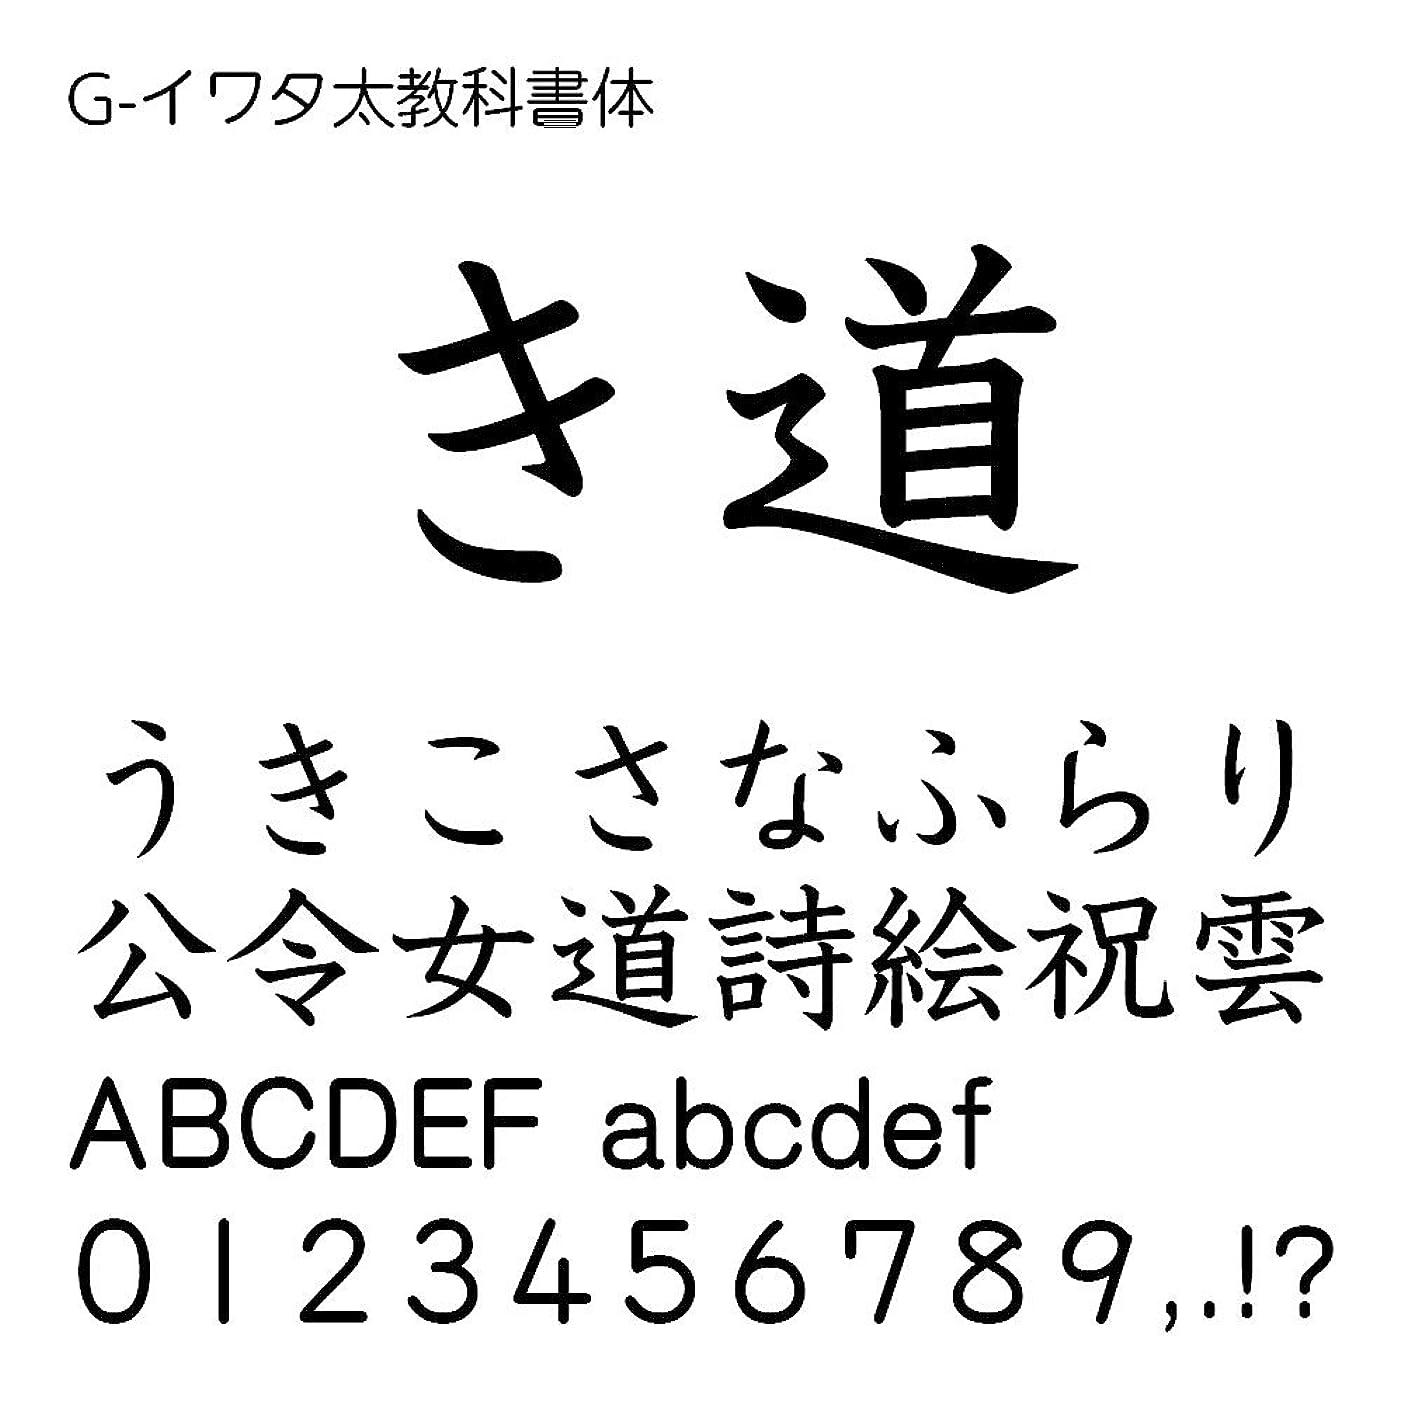 イノセンス不従順オンスG-イワタ太教科書体 TrueType Font for Windows [ダウンロード]